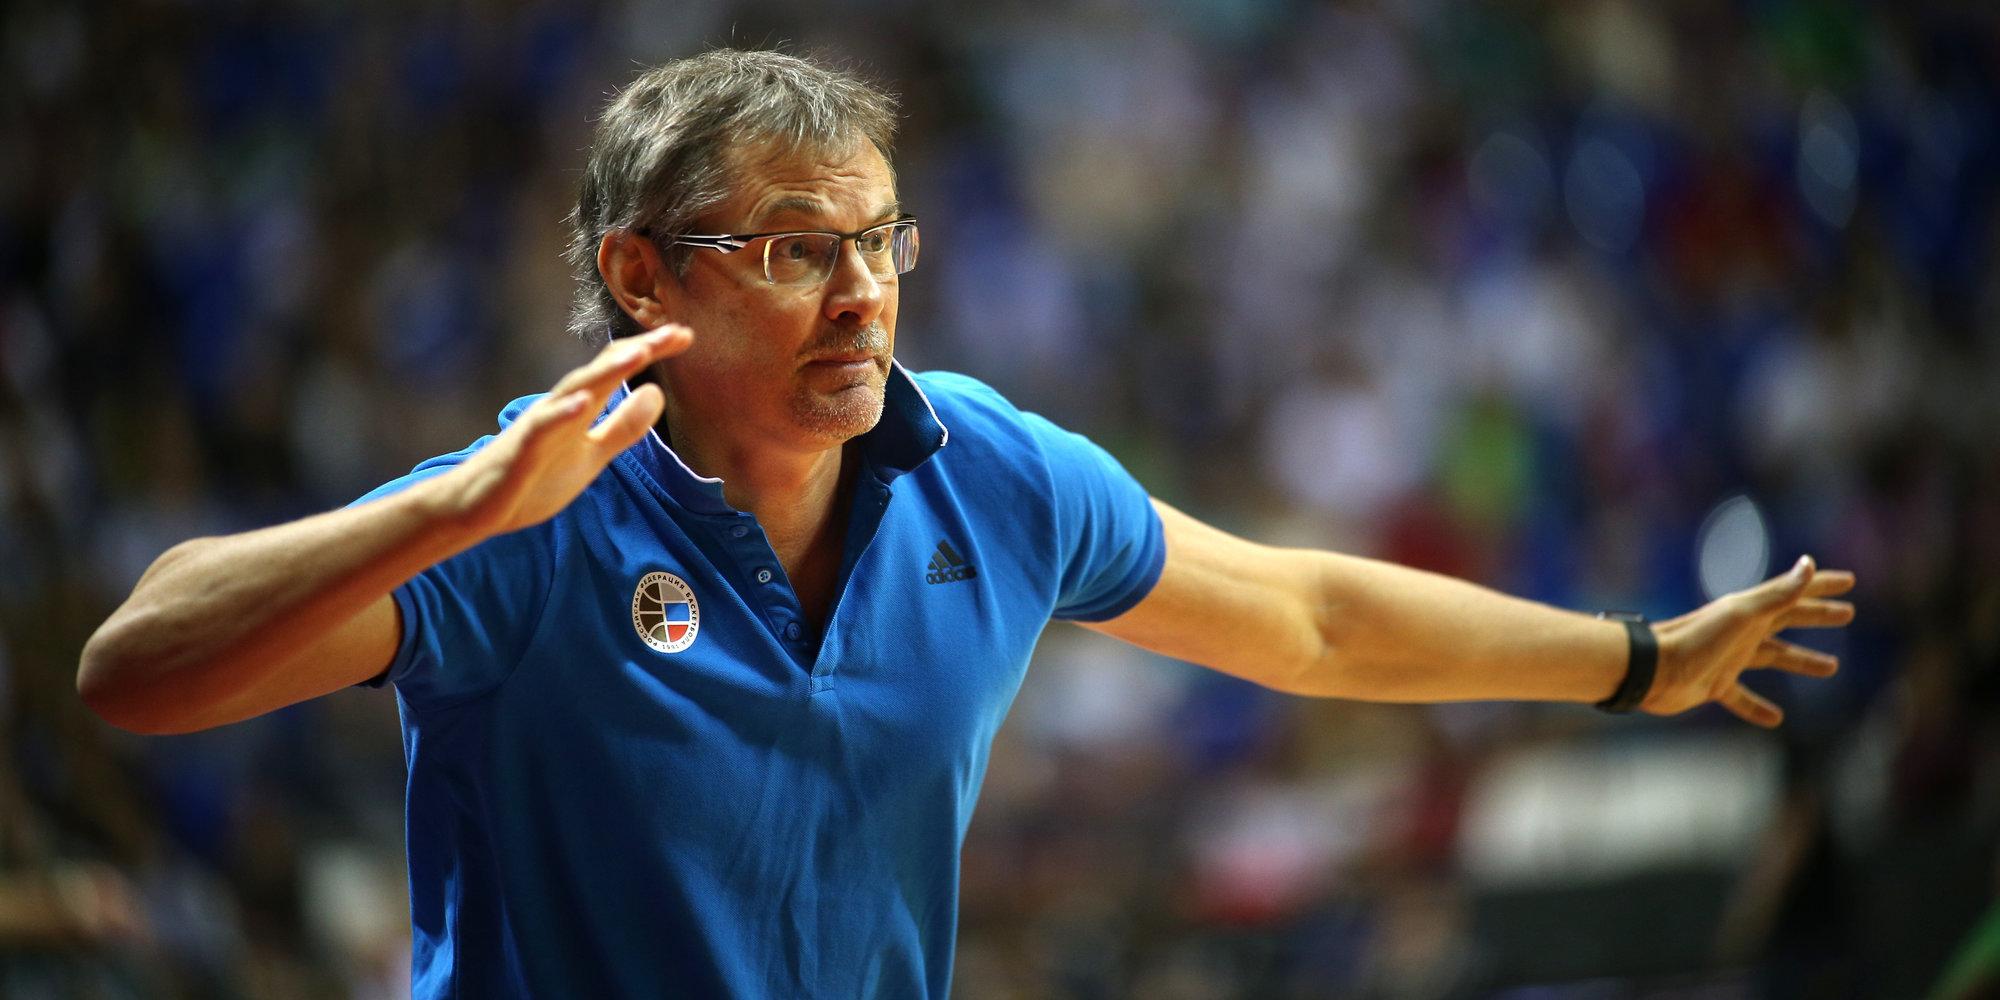 Главный тренер сборной России: «Могу обещать, что поборемся за путевку на Олимпиаду»